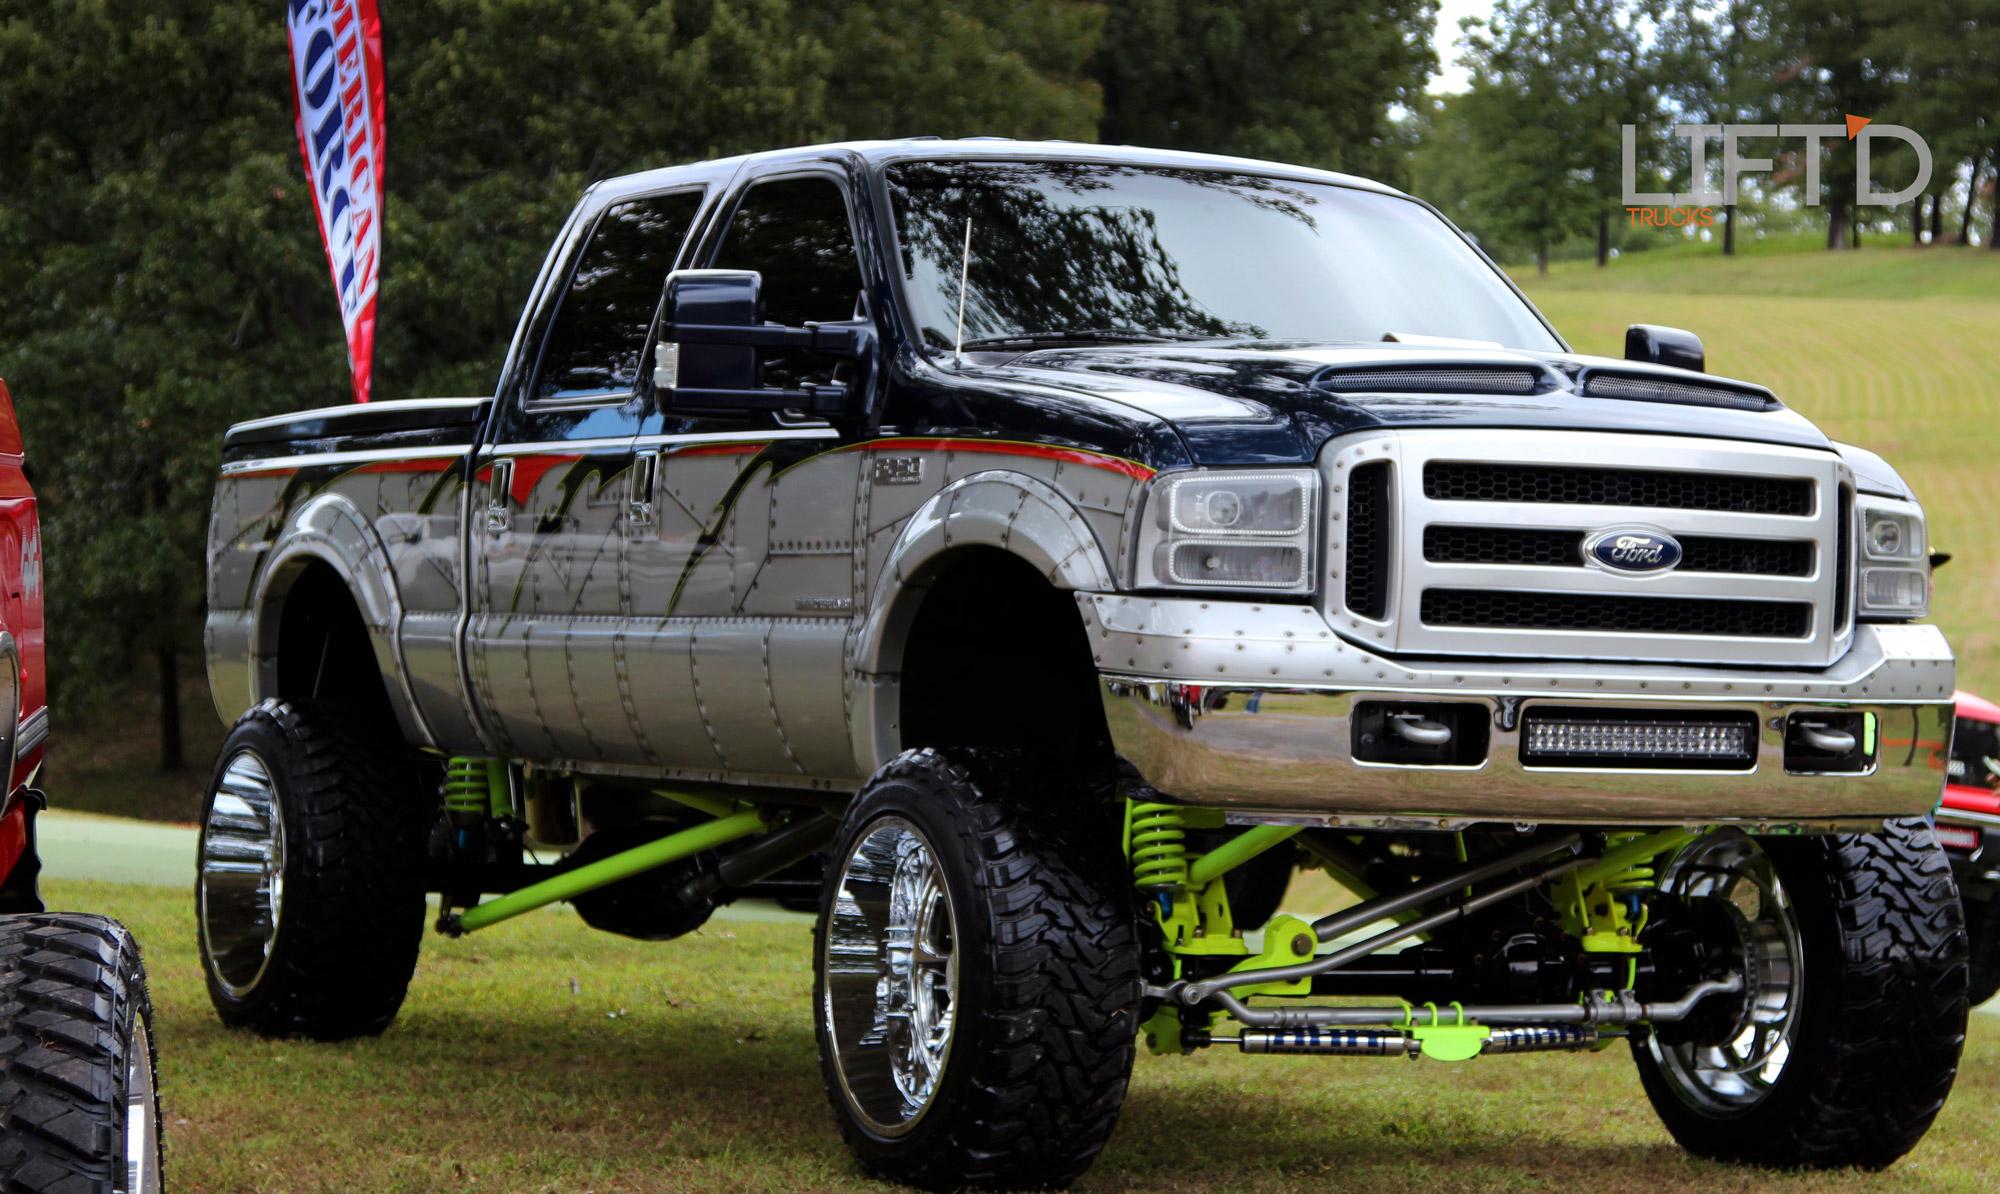 LIFTD-TruckNat-78